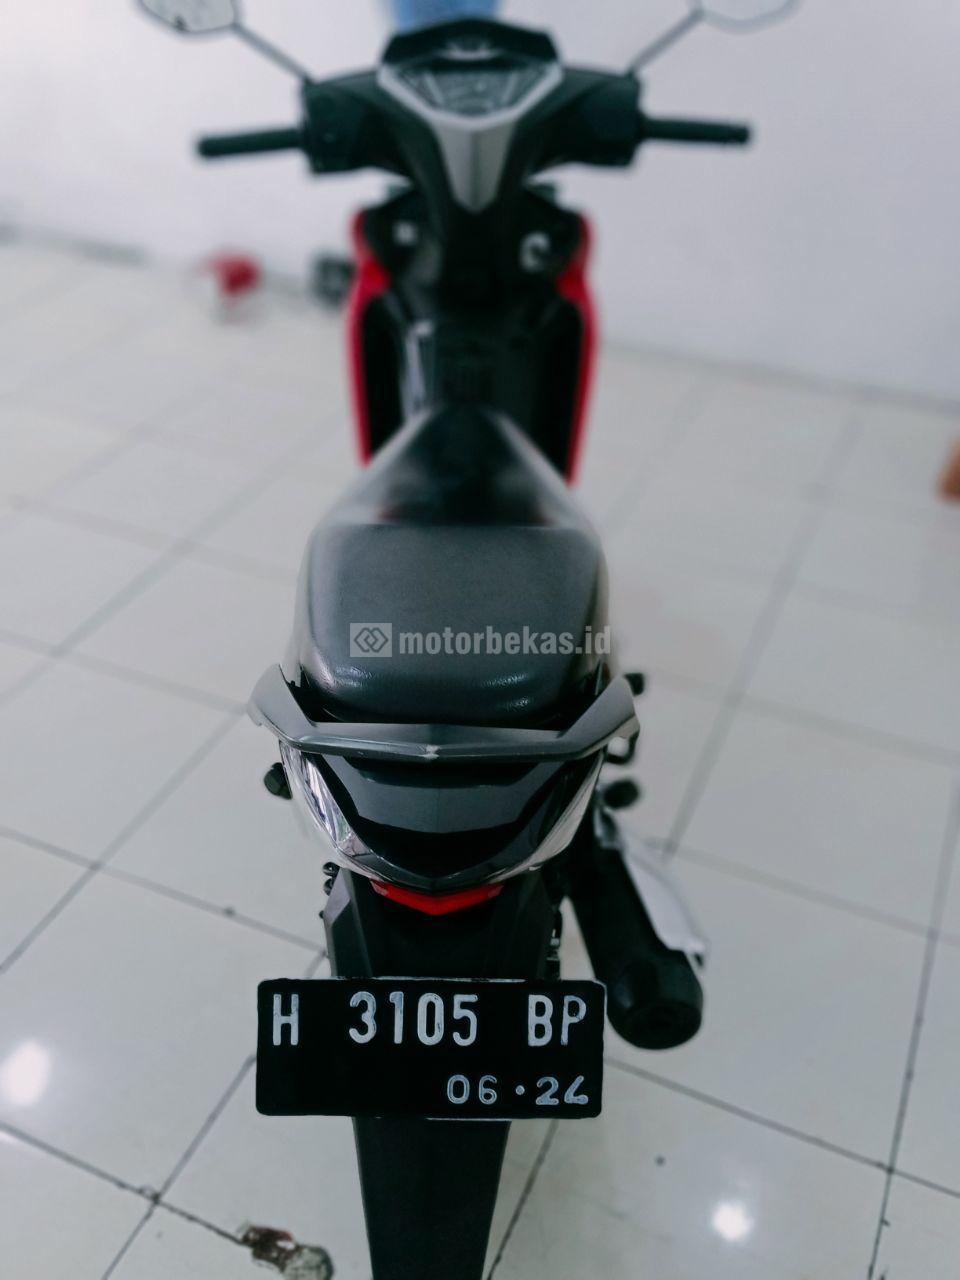 HONDA SUPRA X 125 FI 1564 motorbekas.id